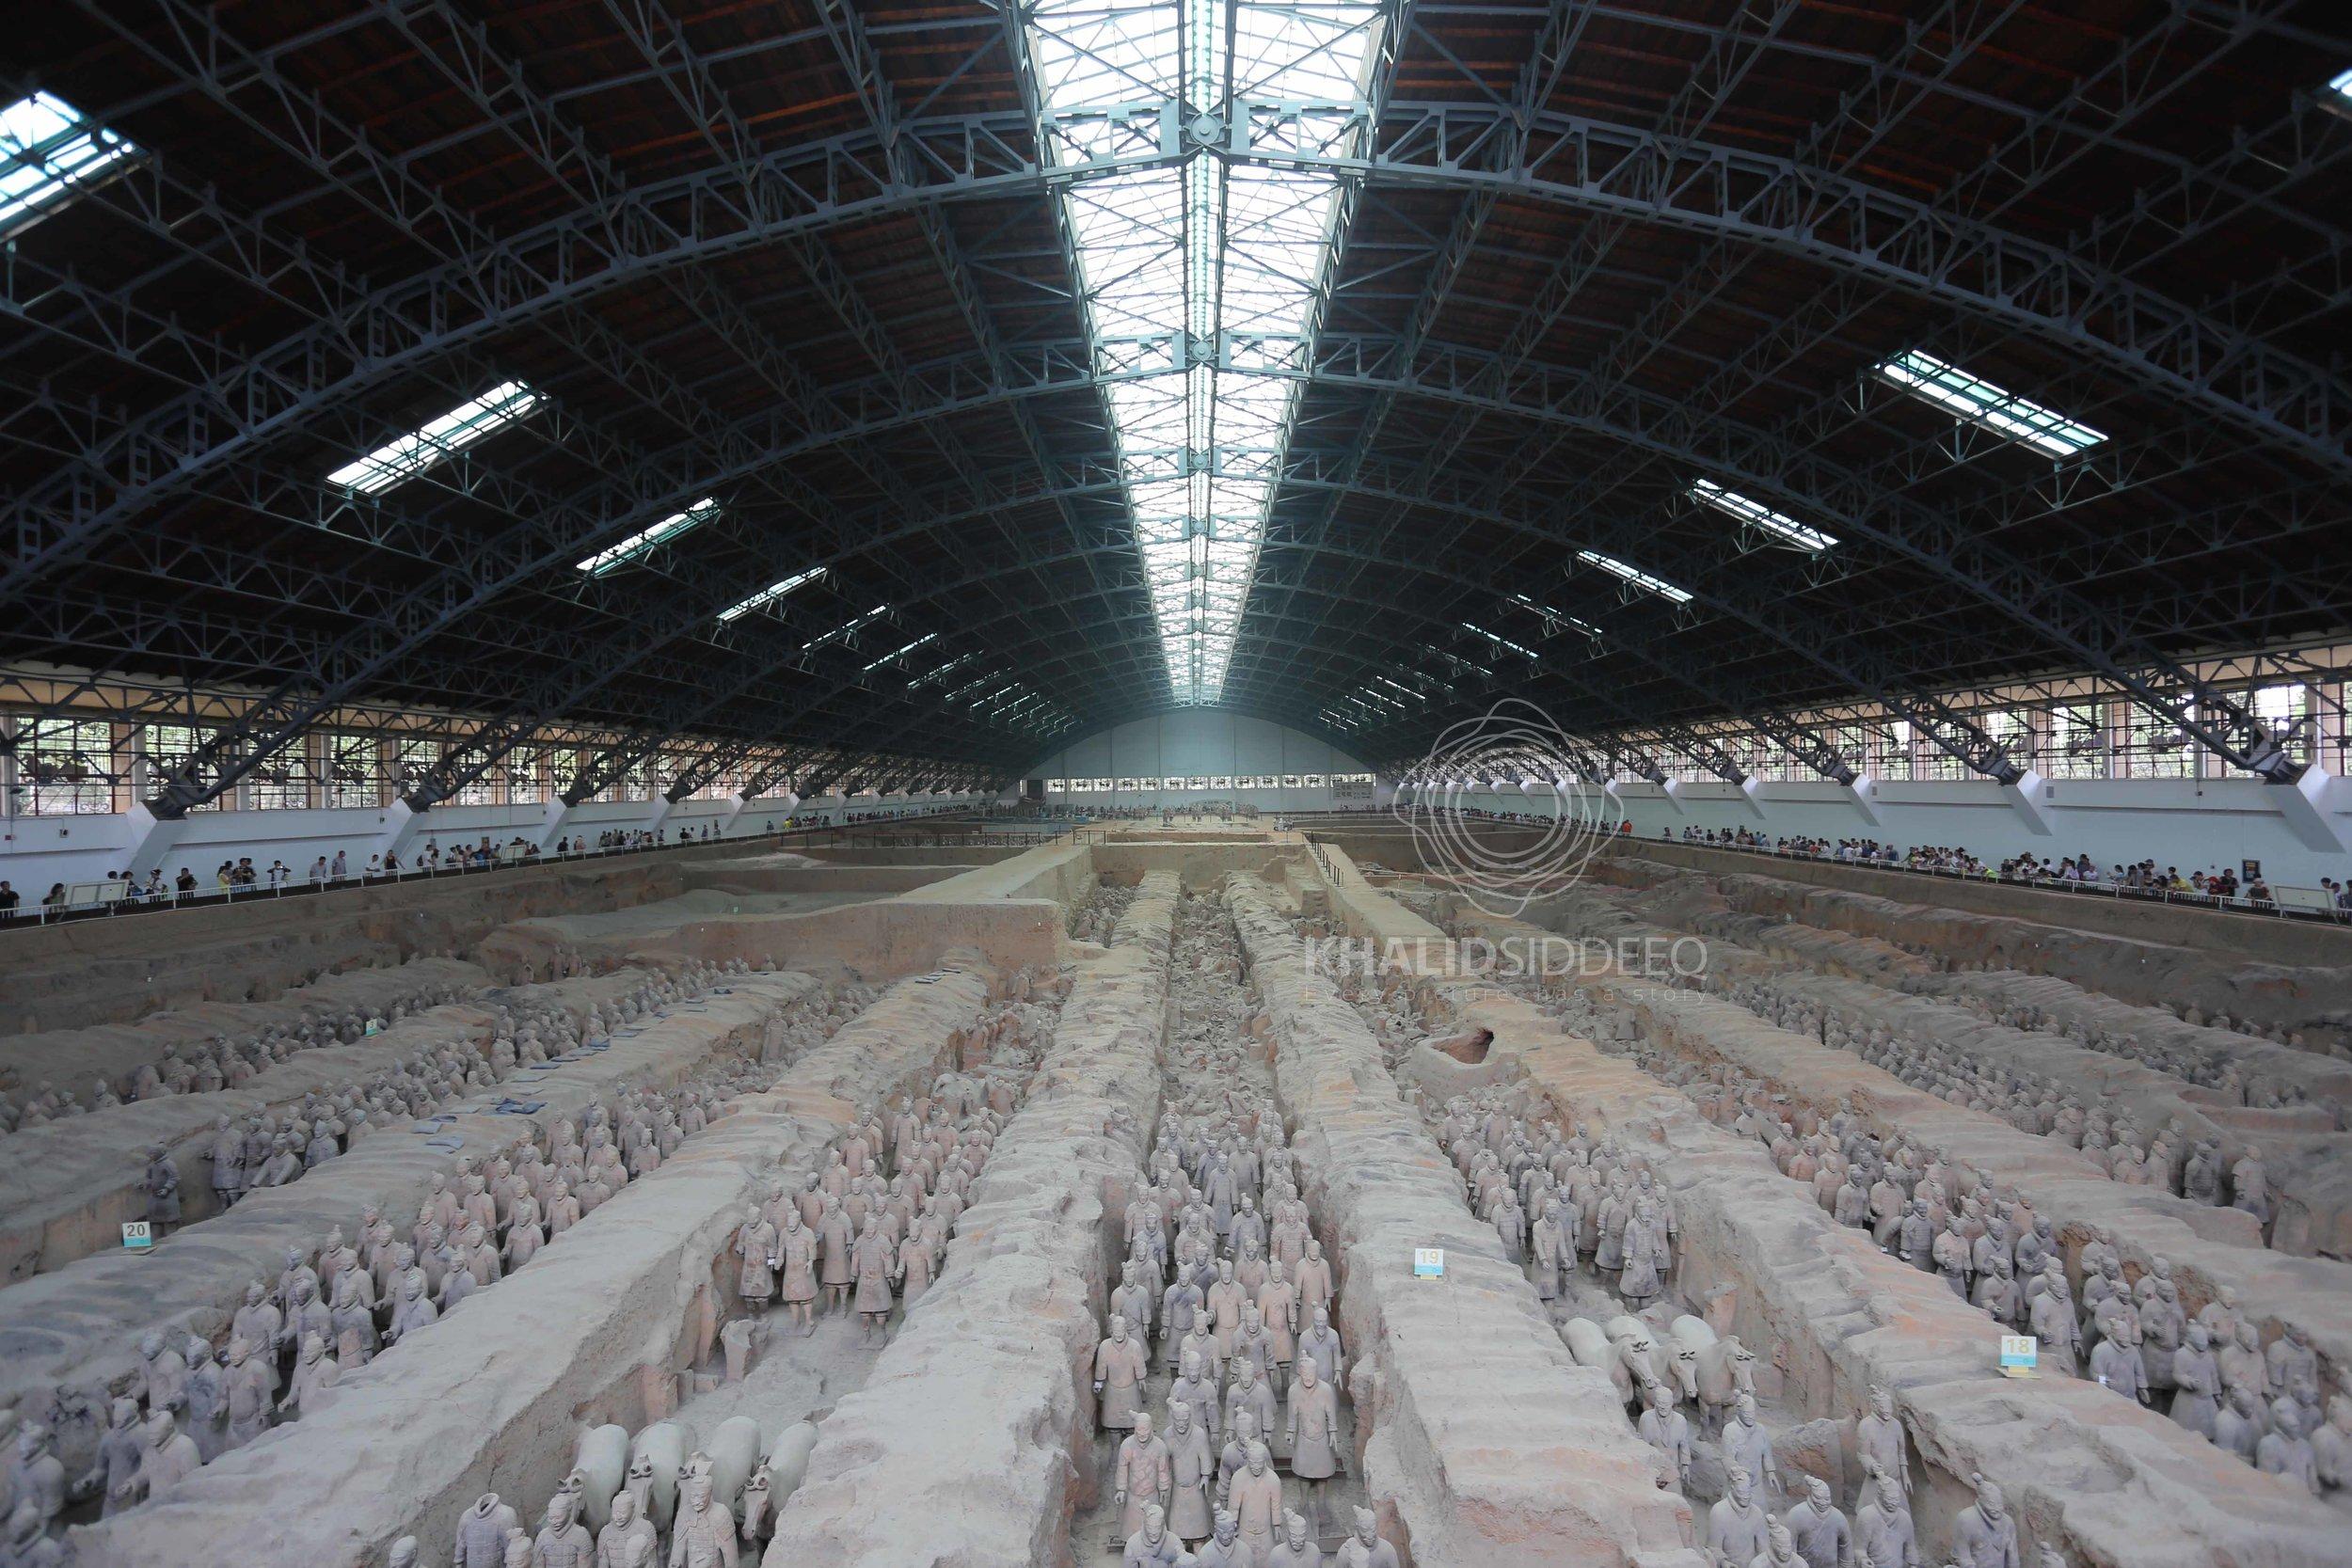 متحف جنود الطين كما يبدو من الأعلى